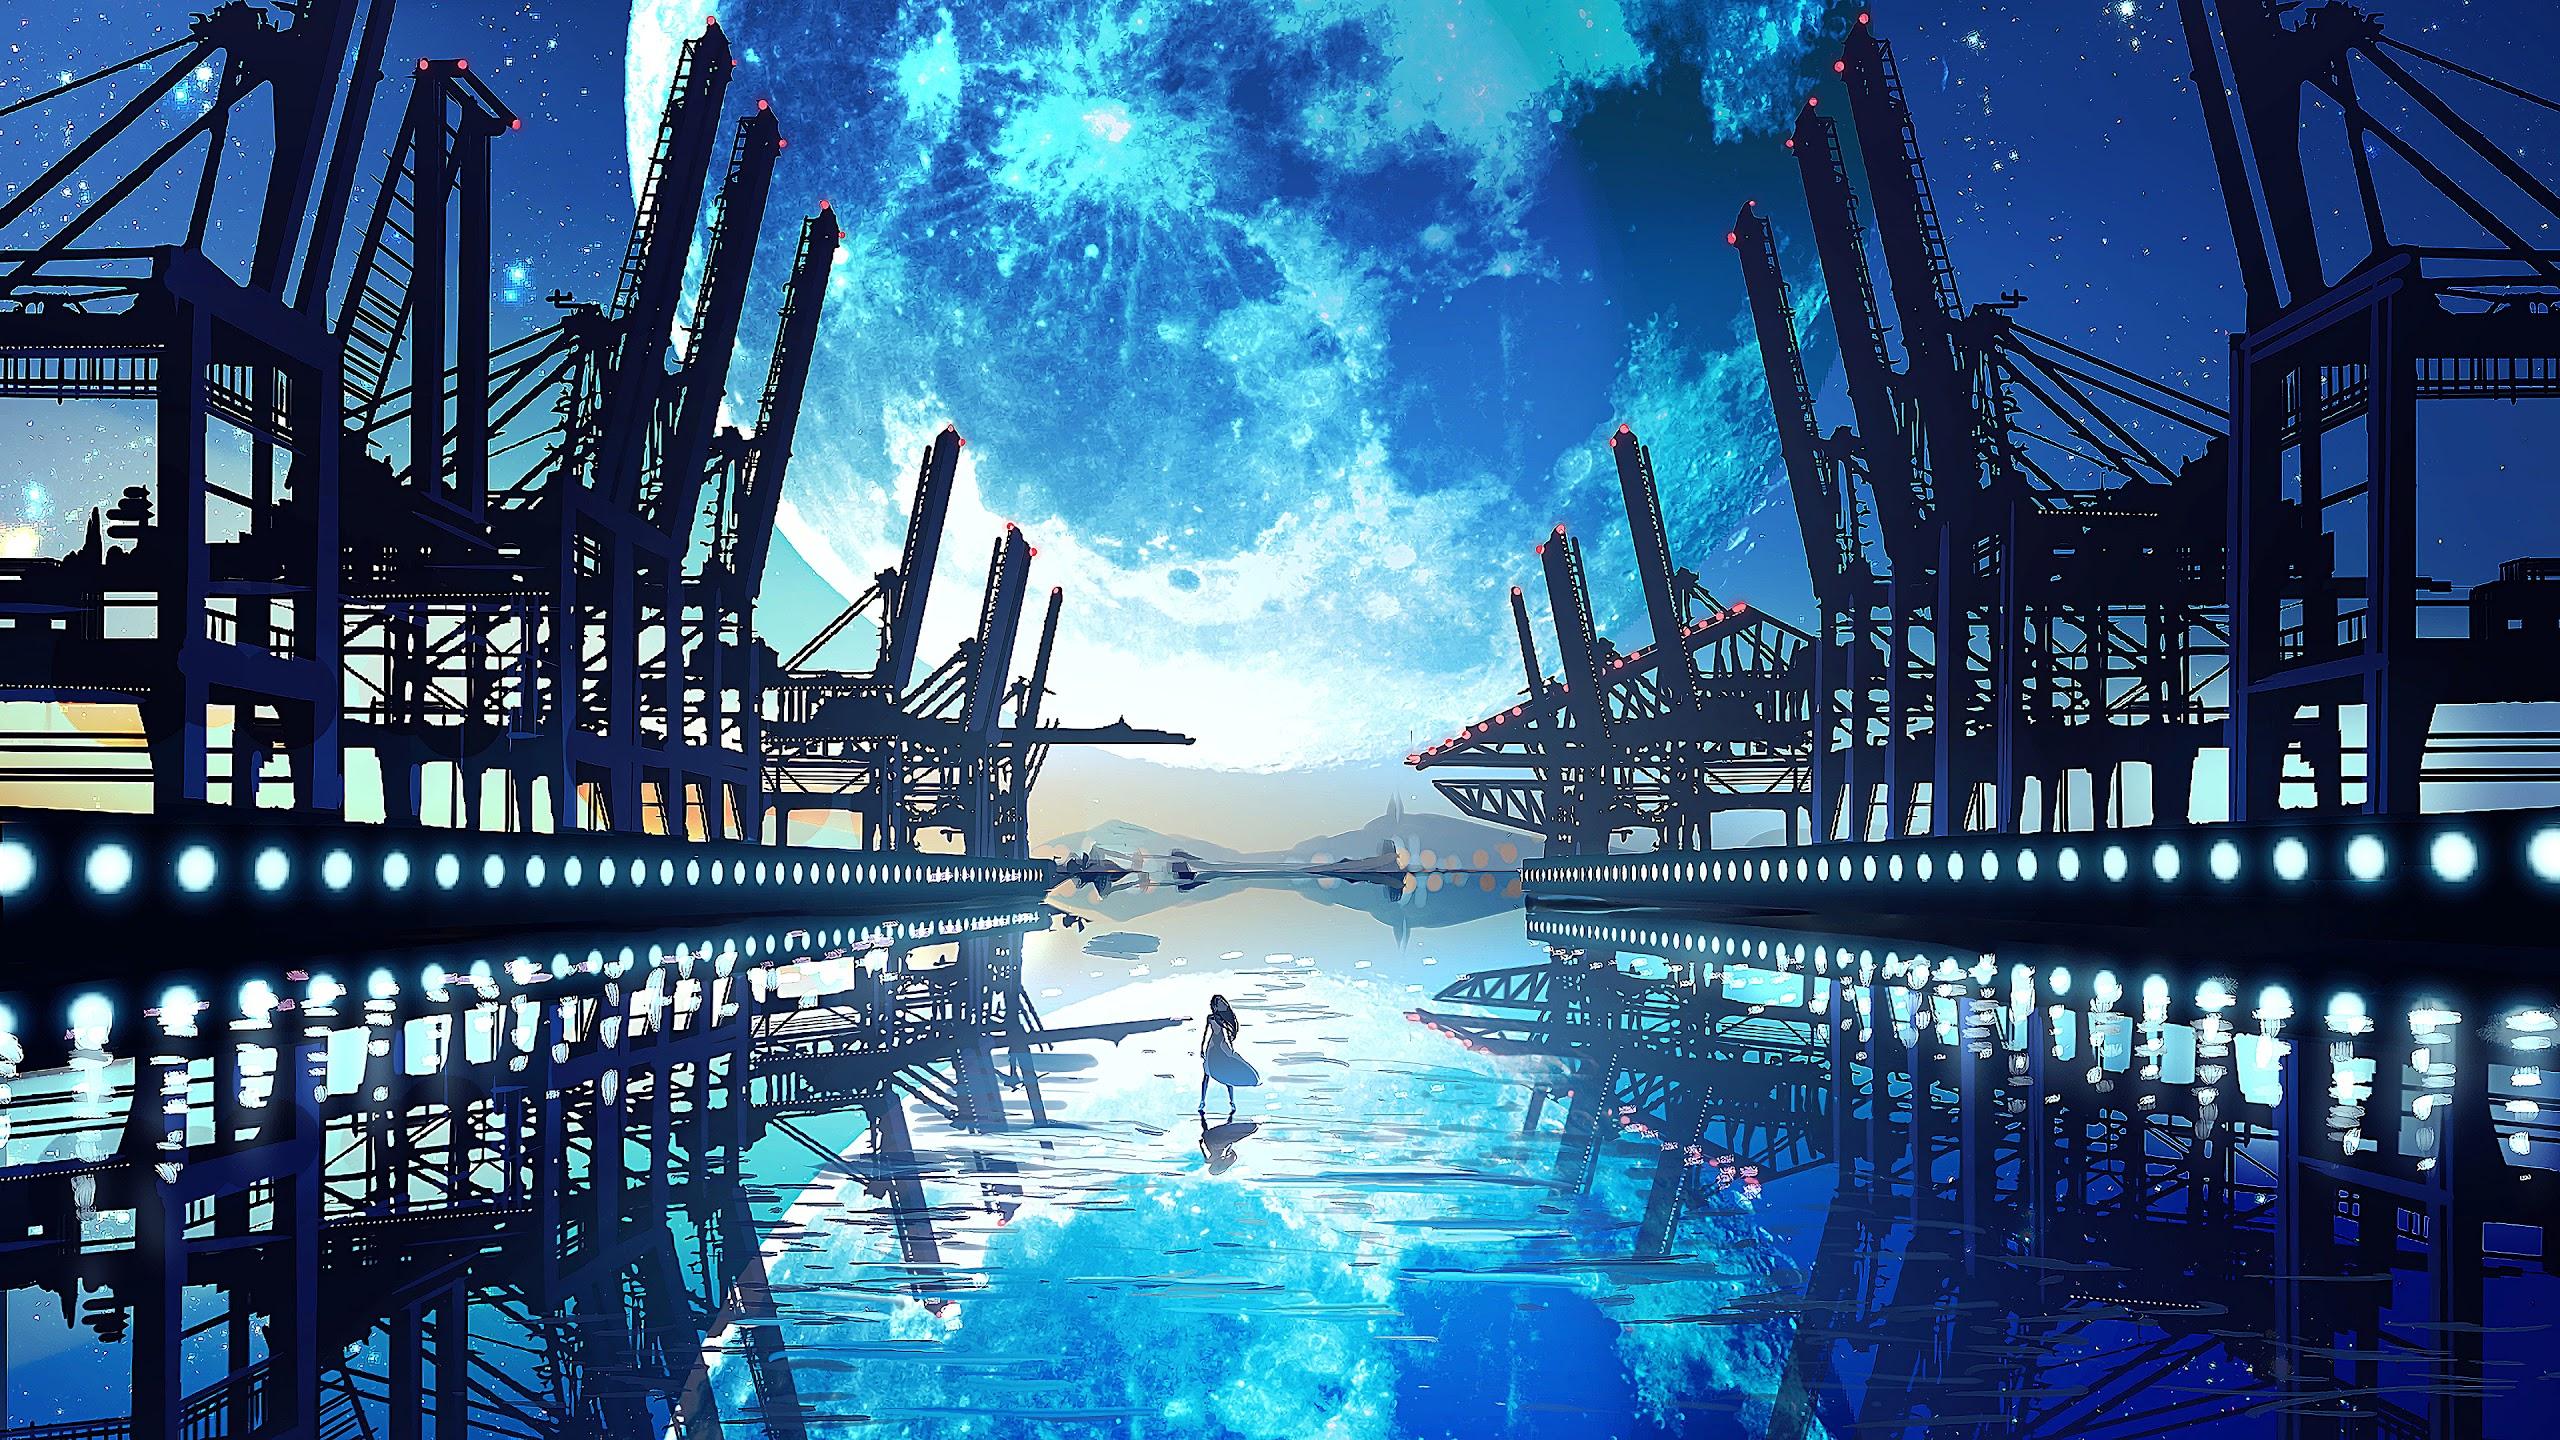 Anime Scenery Landscape Moon 4k 3840x2160 2560x1440 Download Hd Wallpaper Wallpapertip